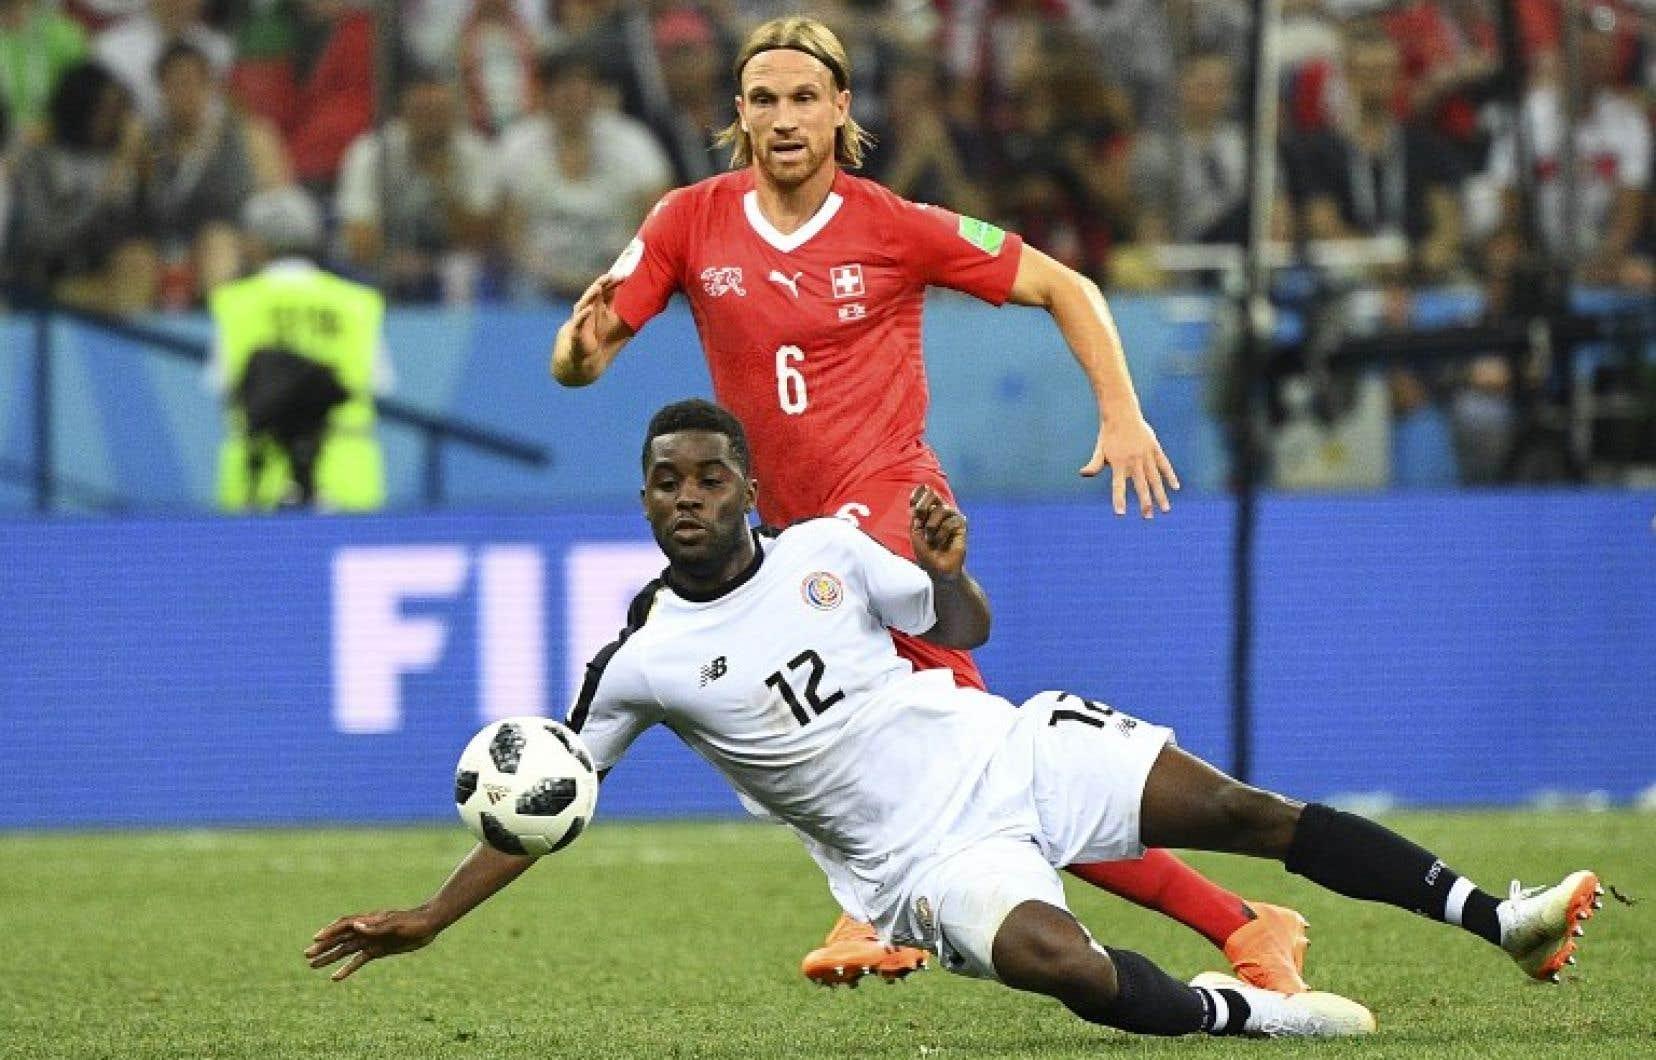 L'attaquant Joel Campbell (no 12), du Costa Rica, bataille pour la possession du ballon avec le défenseur suisseMichael Lang.